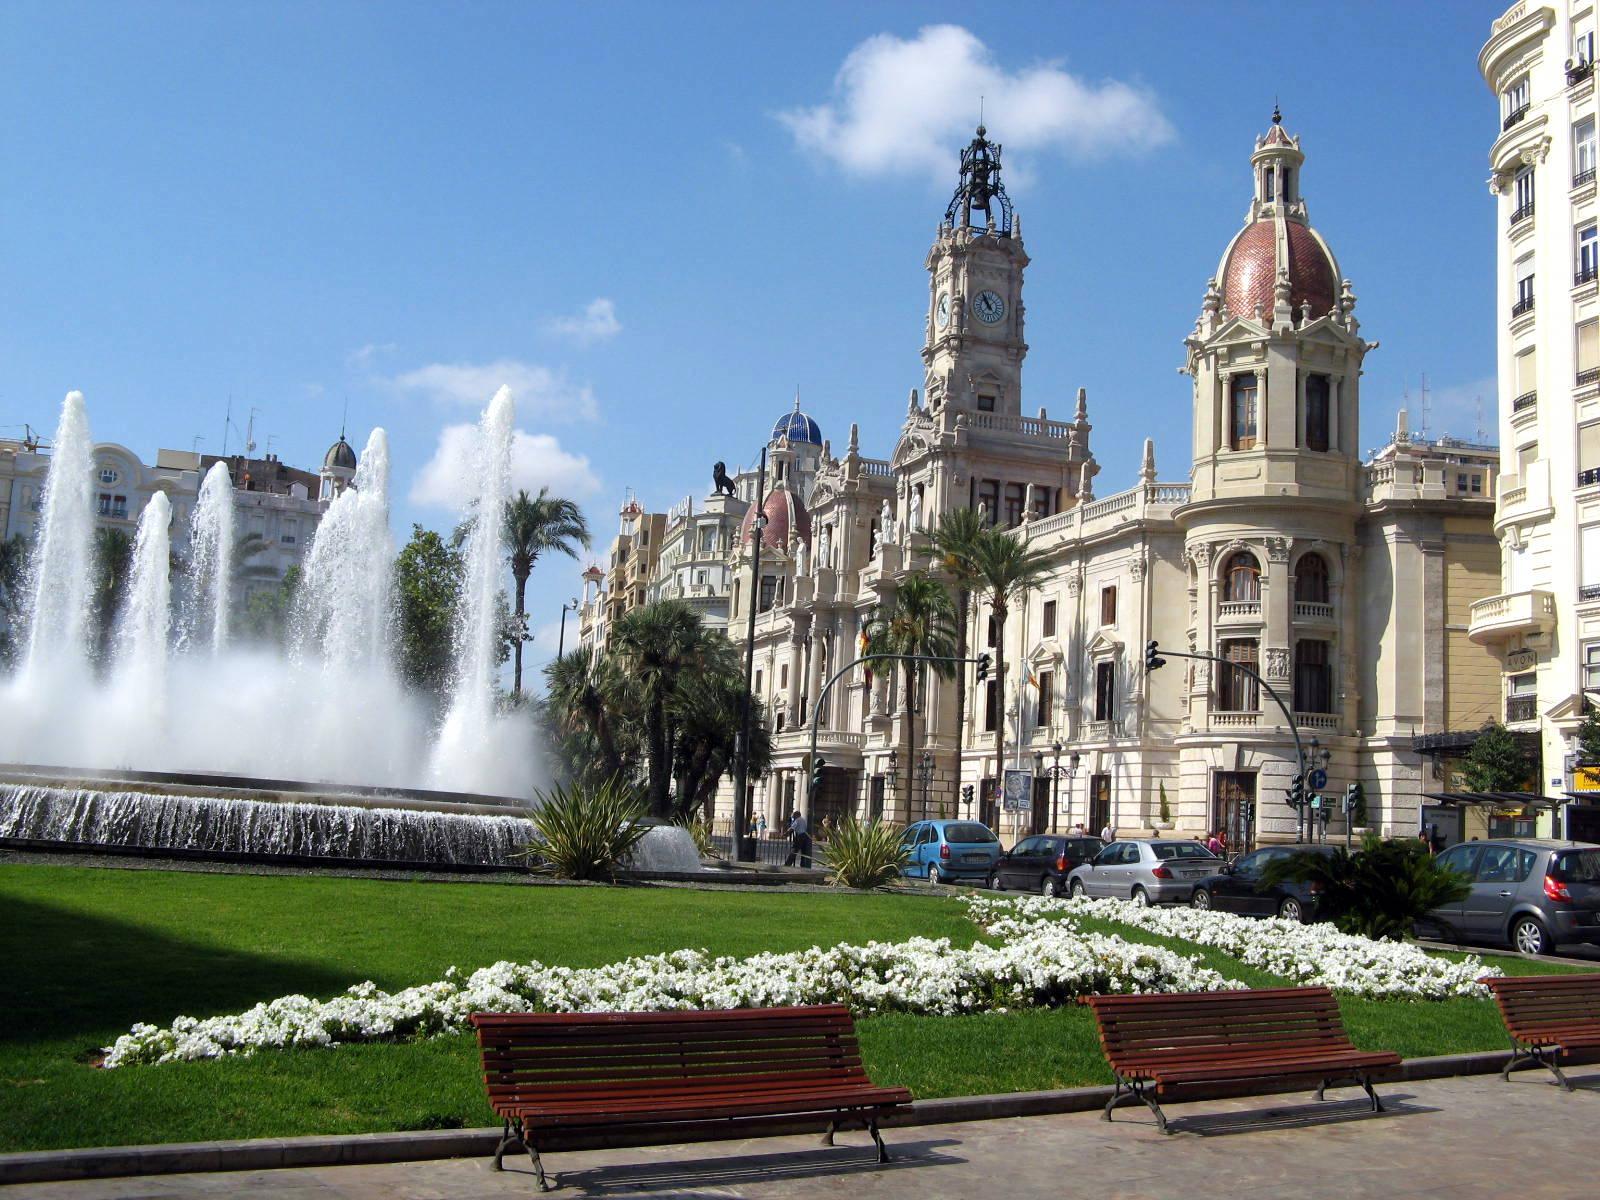 Plaza-del-Ayuntamiento-de-Valencia-Sauclass